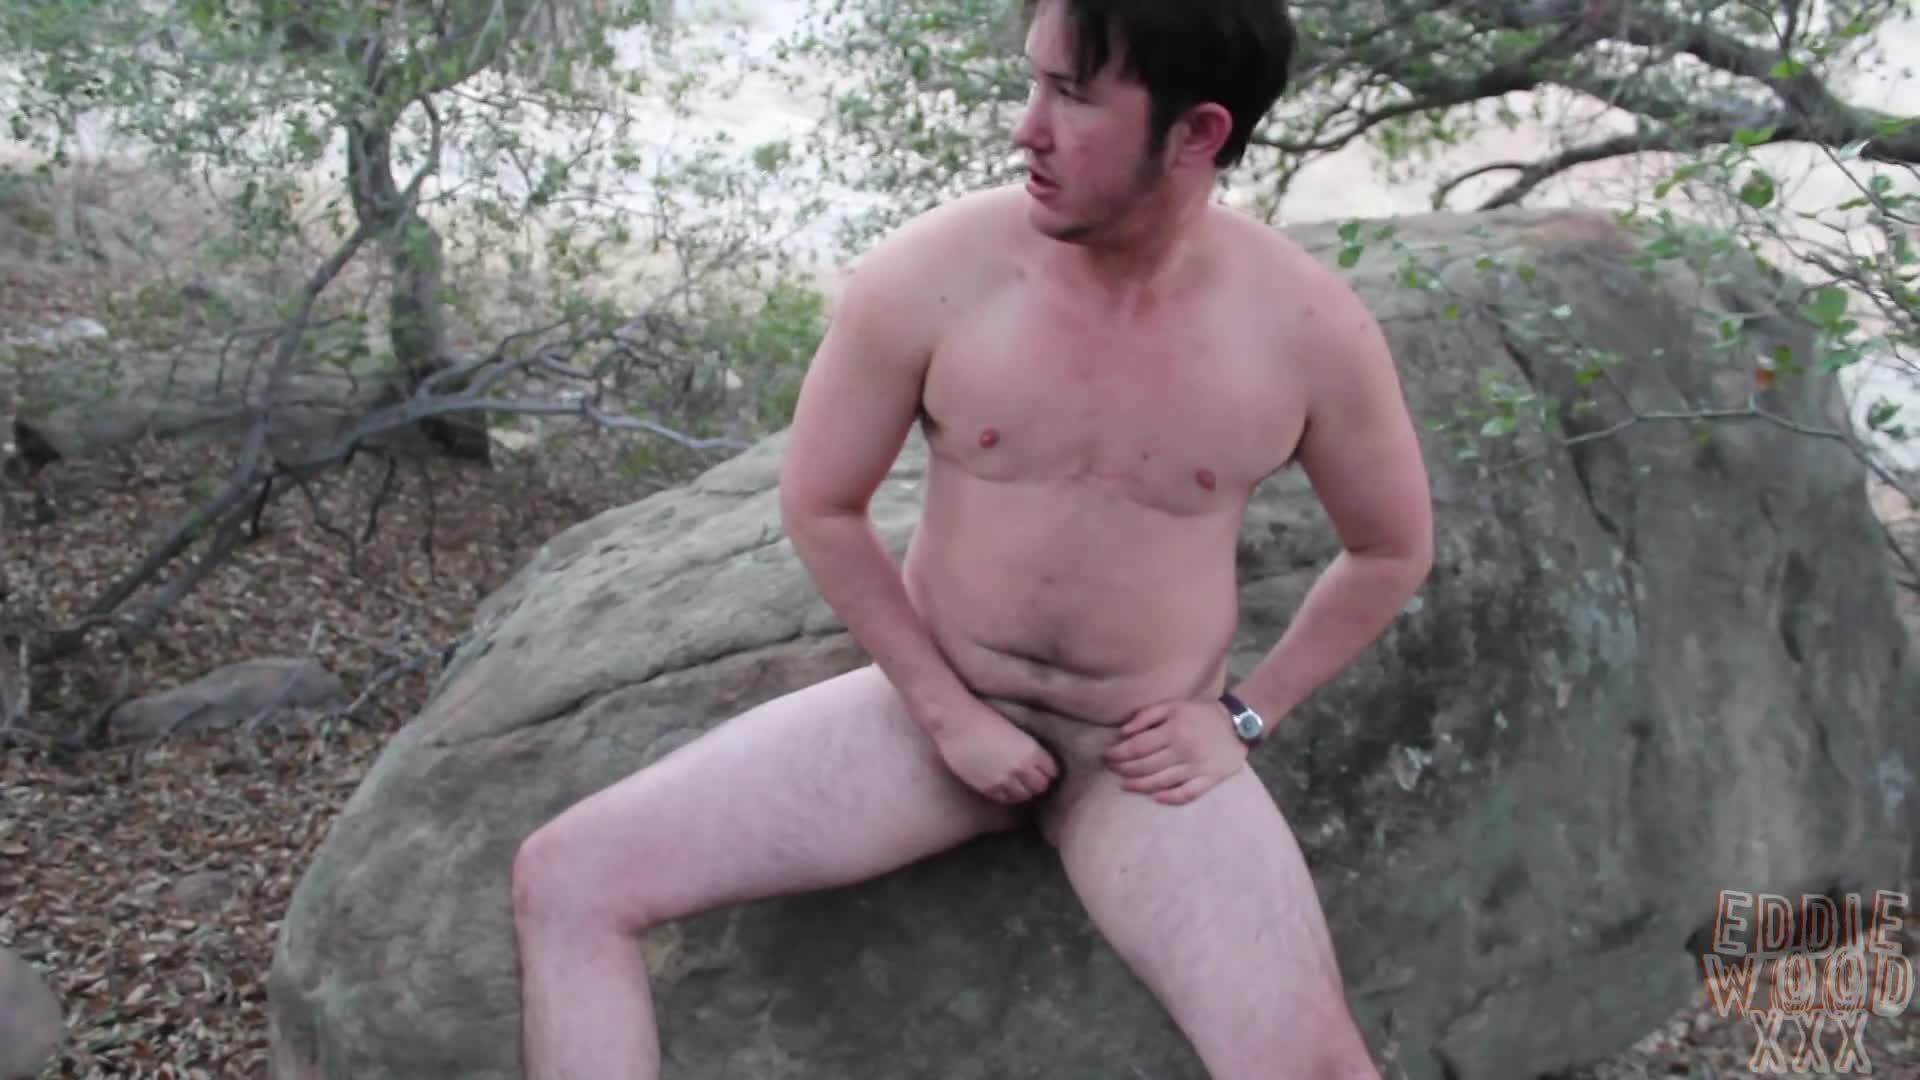 Male athletes nude tumblr